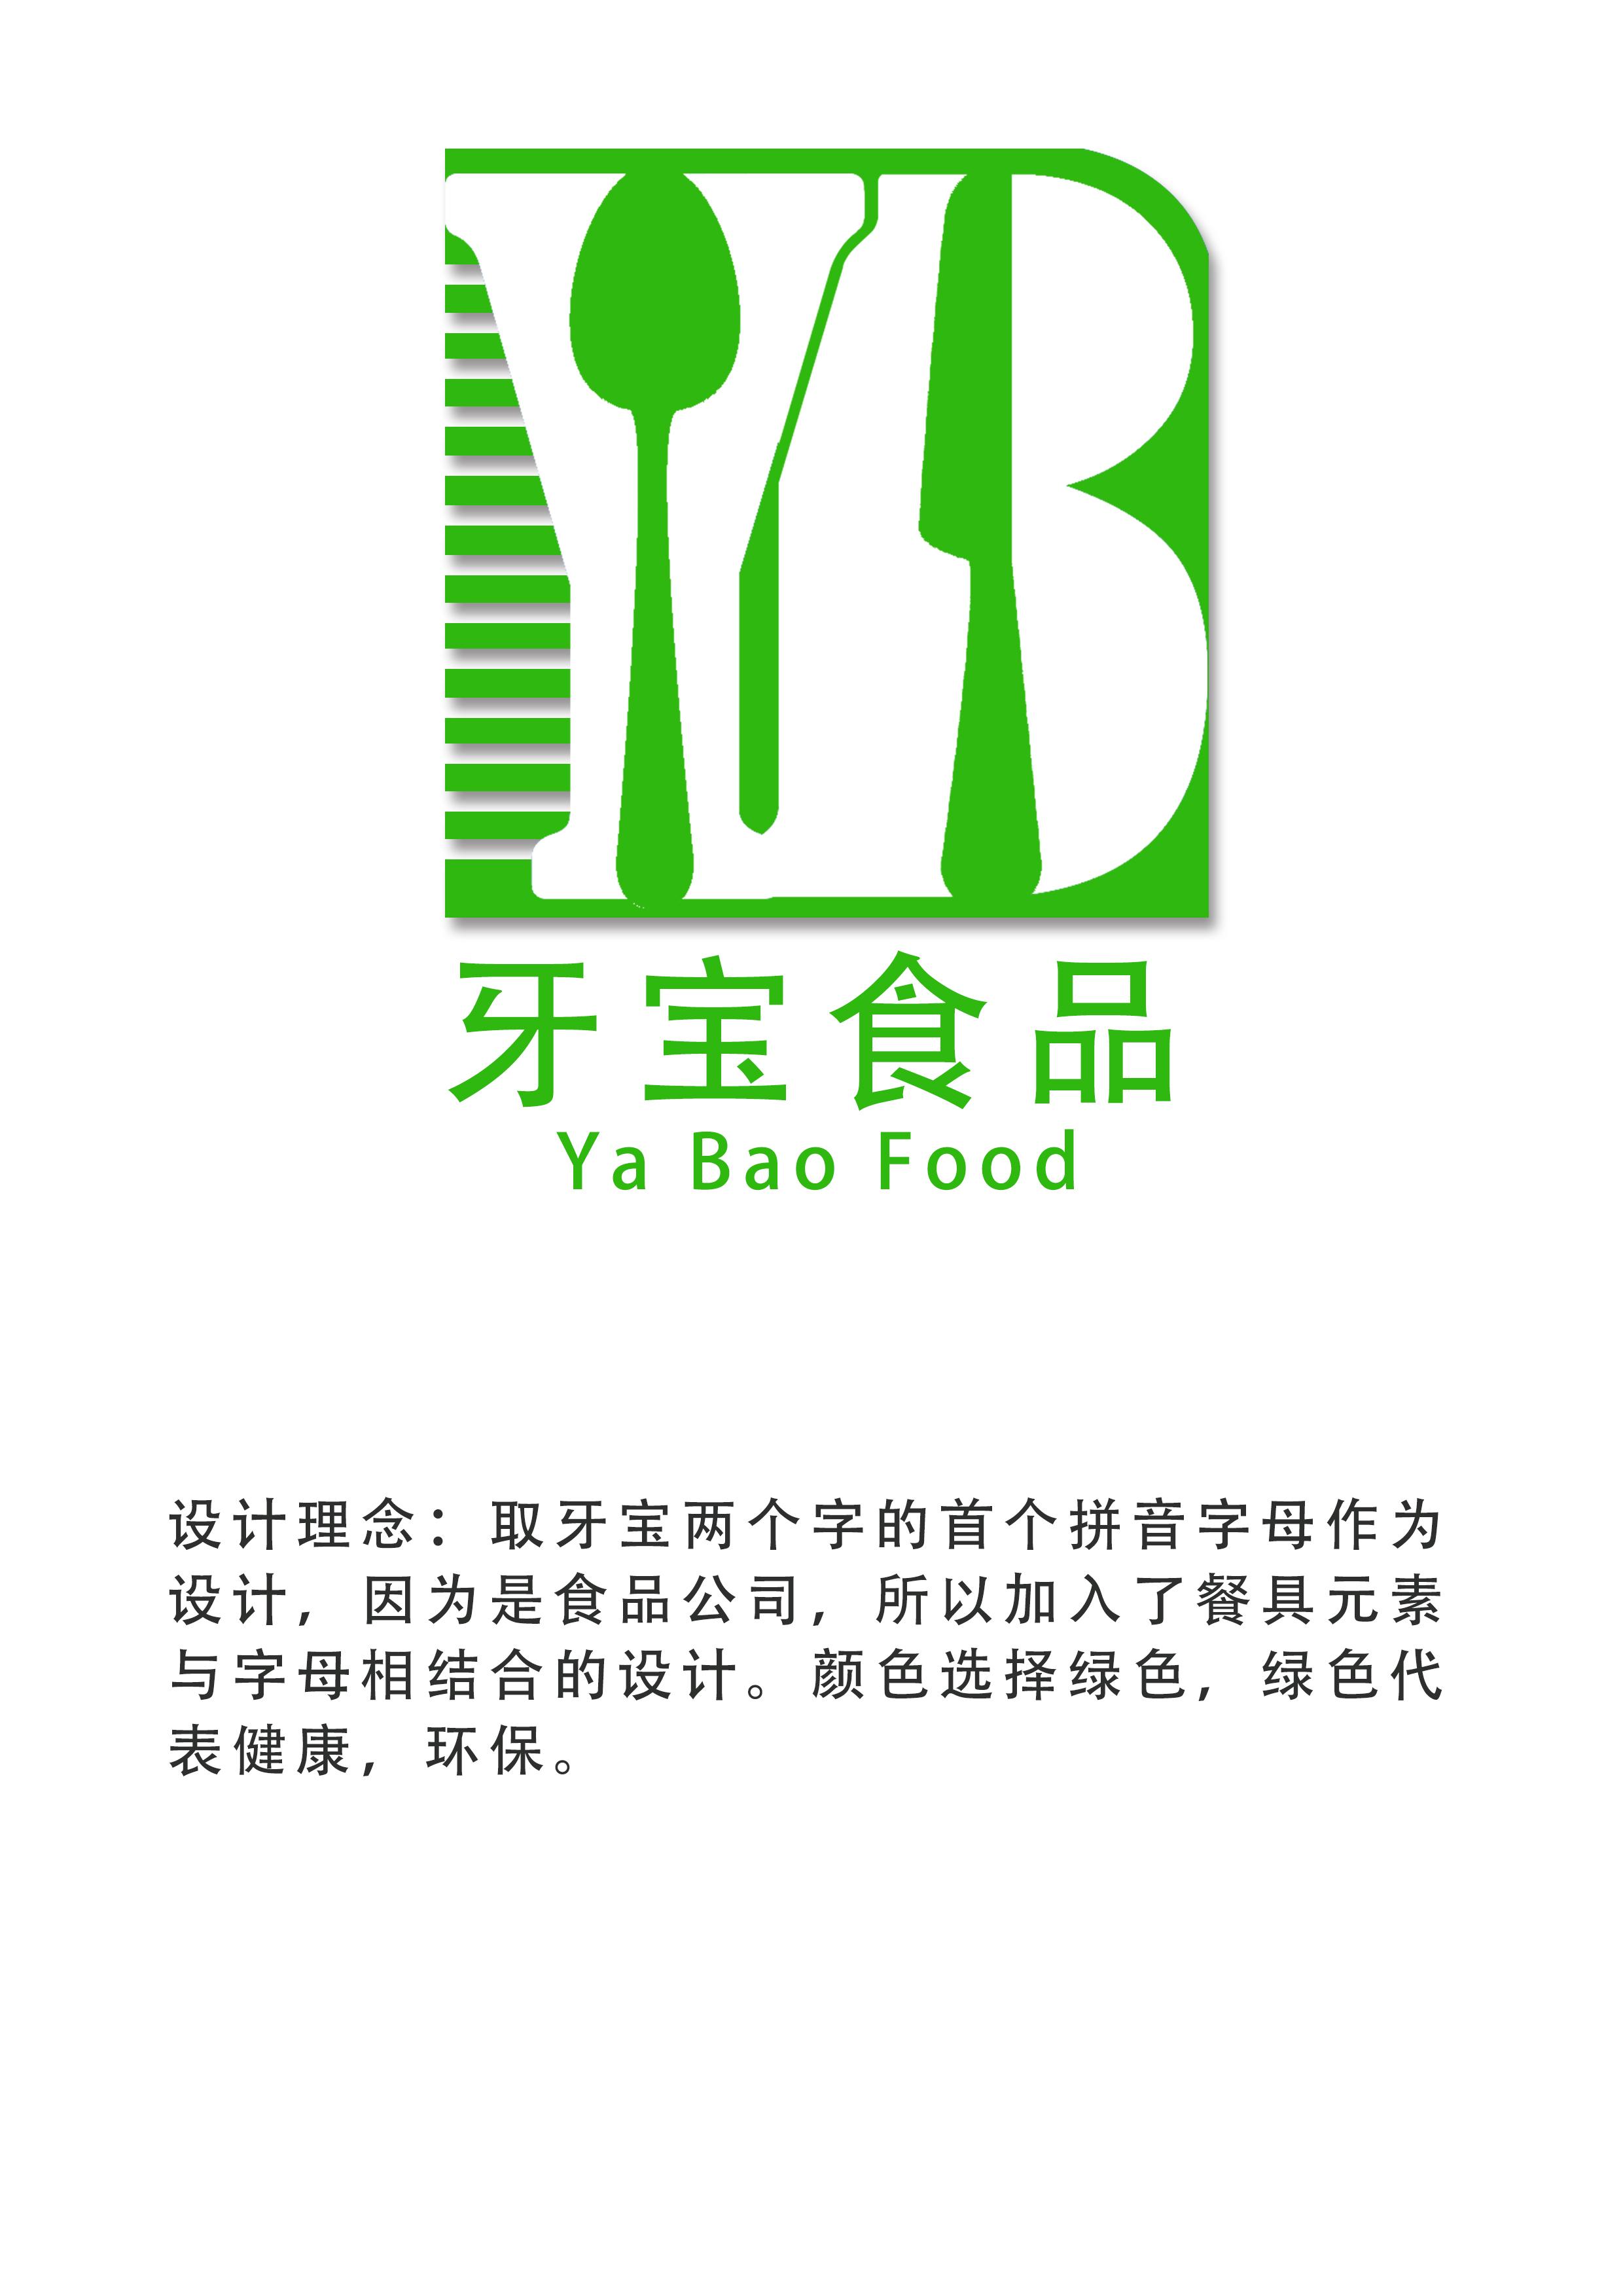 牙寶食品logo設計